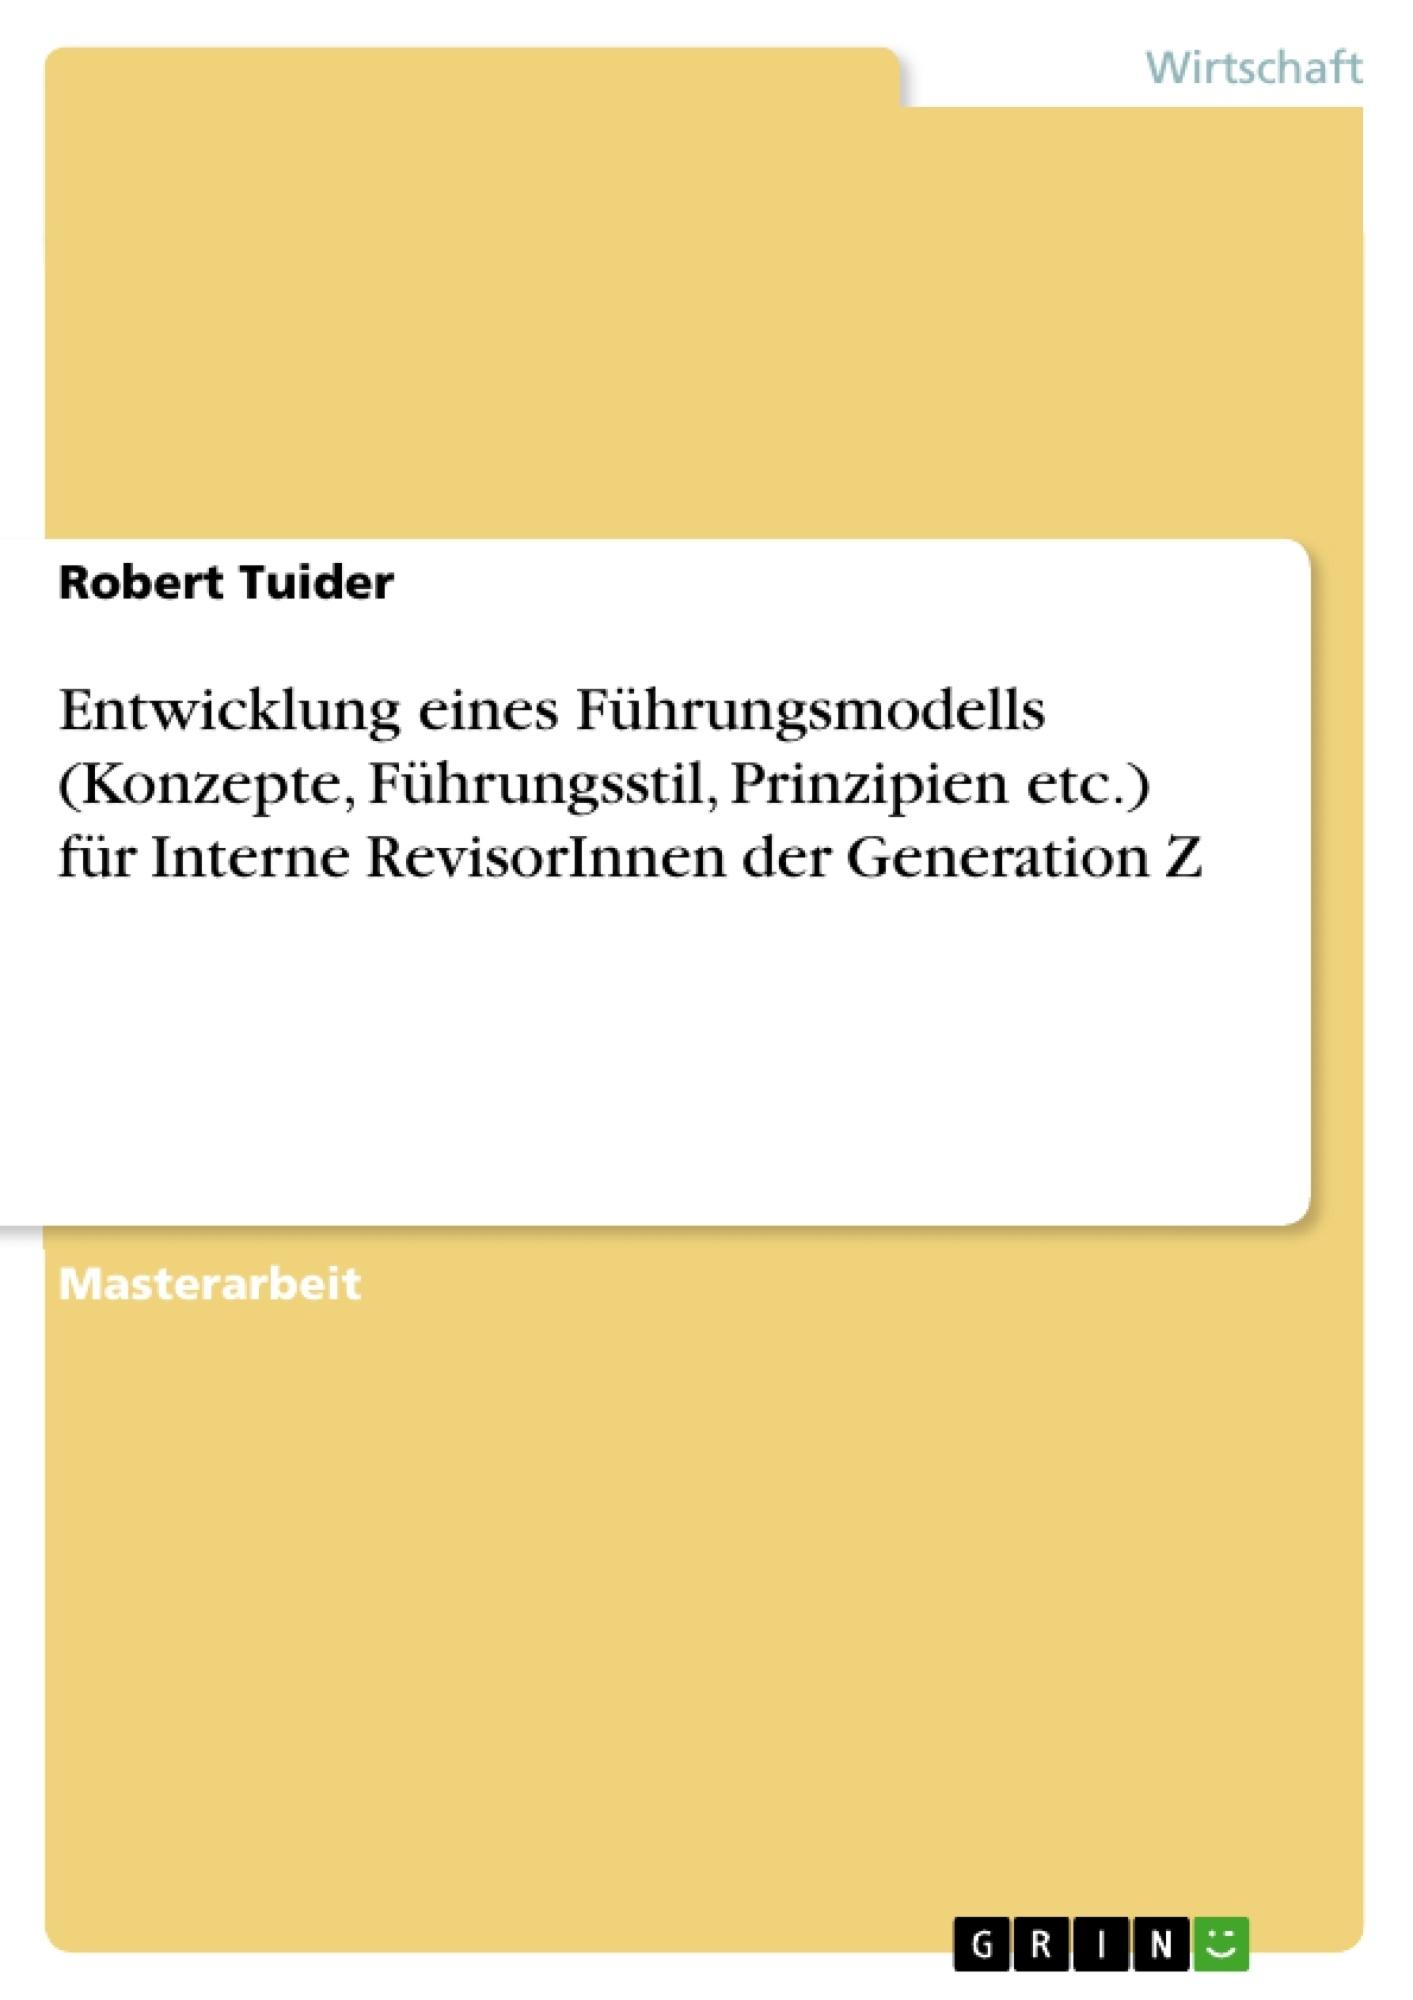 Titel: Entwicklung eines Führungsmodells (Konzepte, Führungsstil, Prinzipien etc.) für Interne RevisorInnen der Generation Z